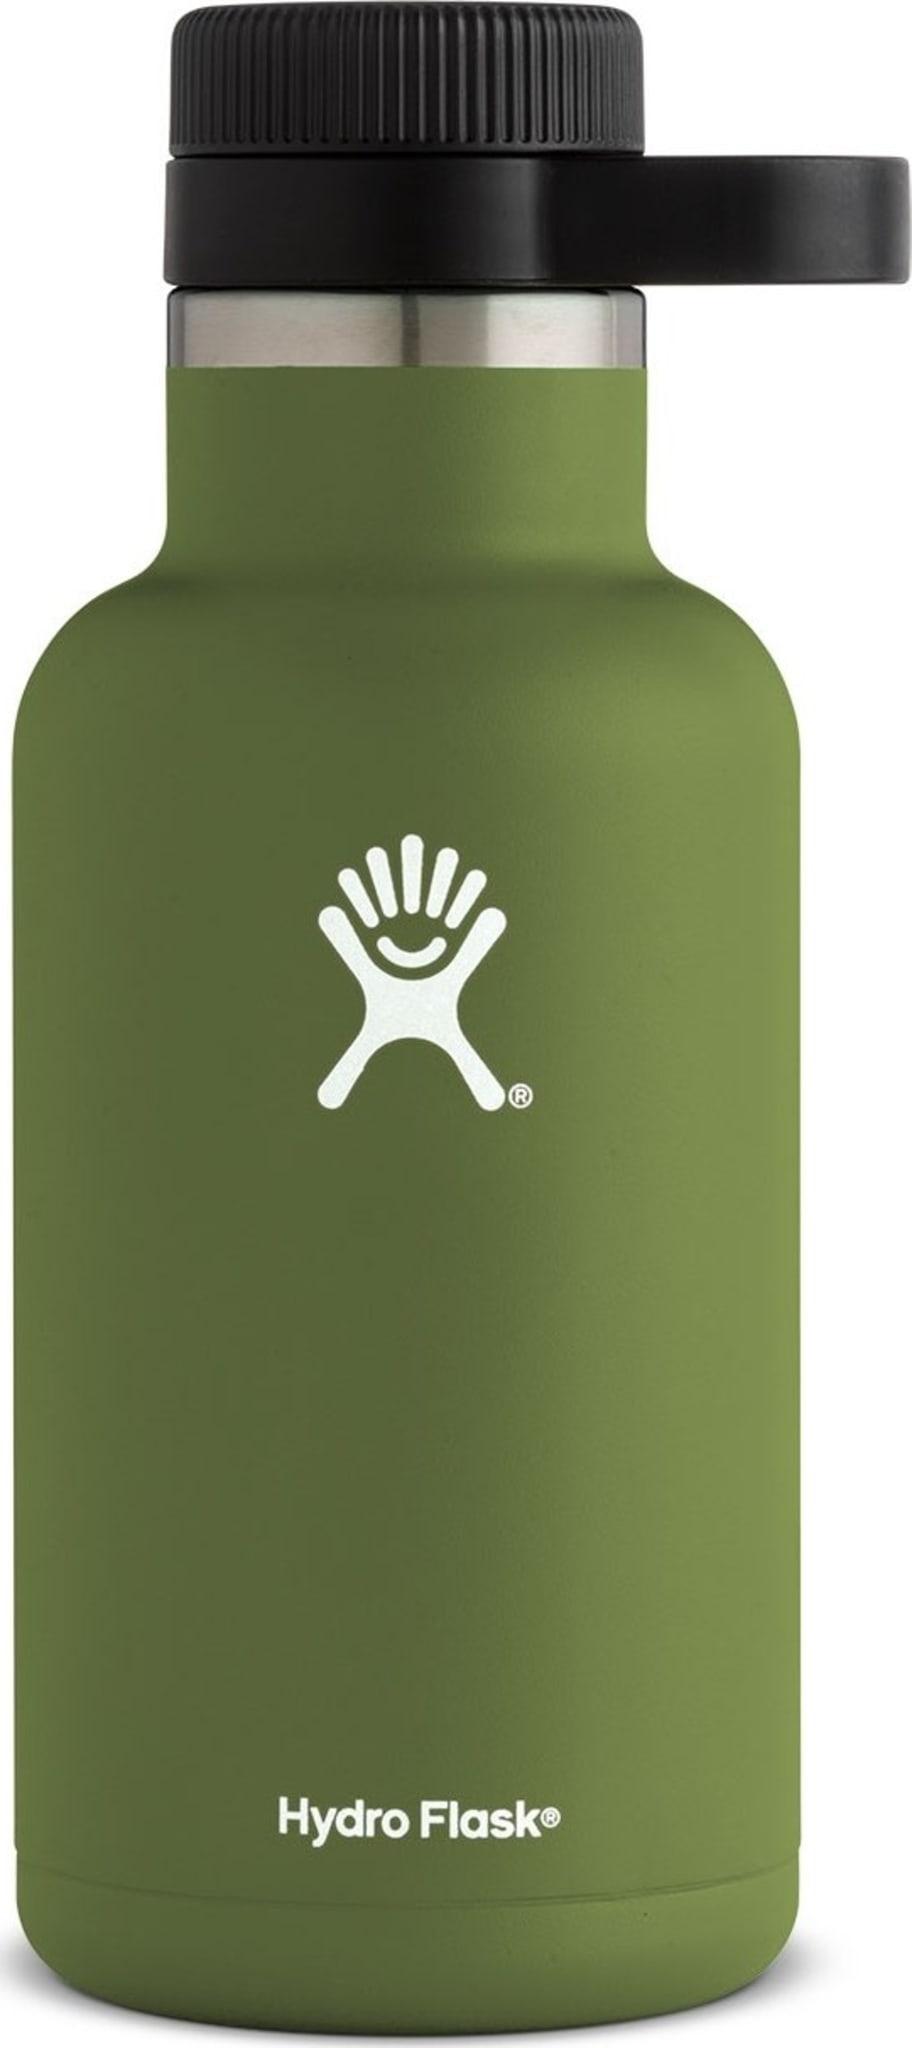 Stor, isolert flaske for å holde øl eller annen drikke kald